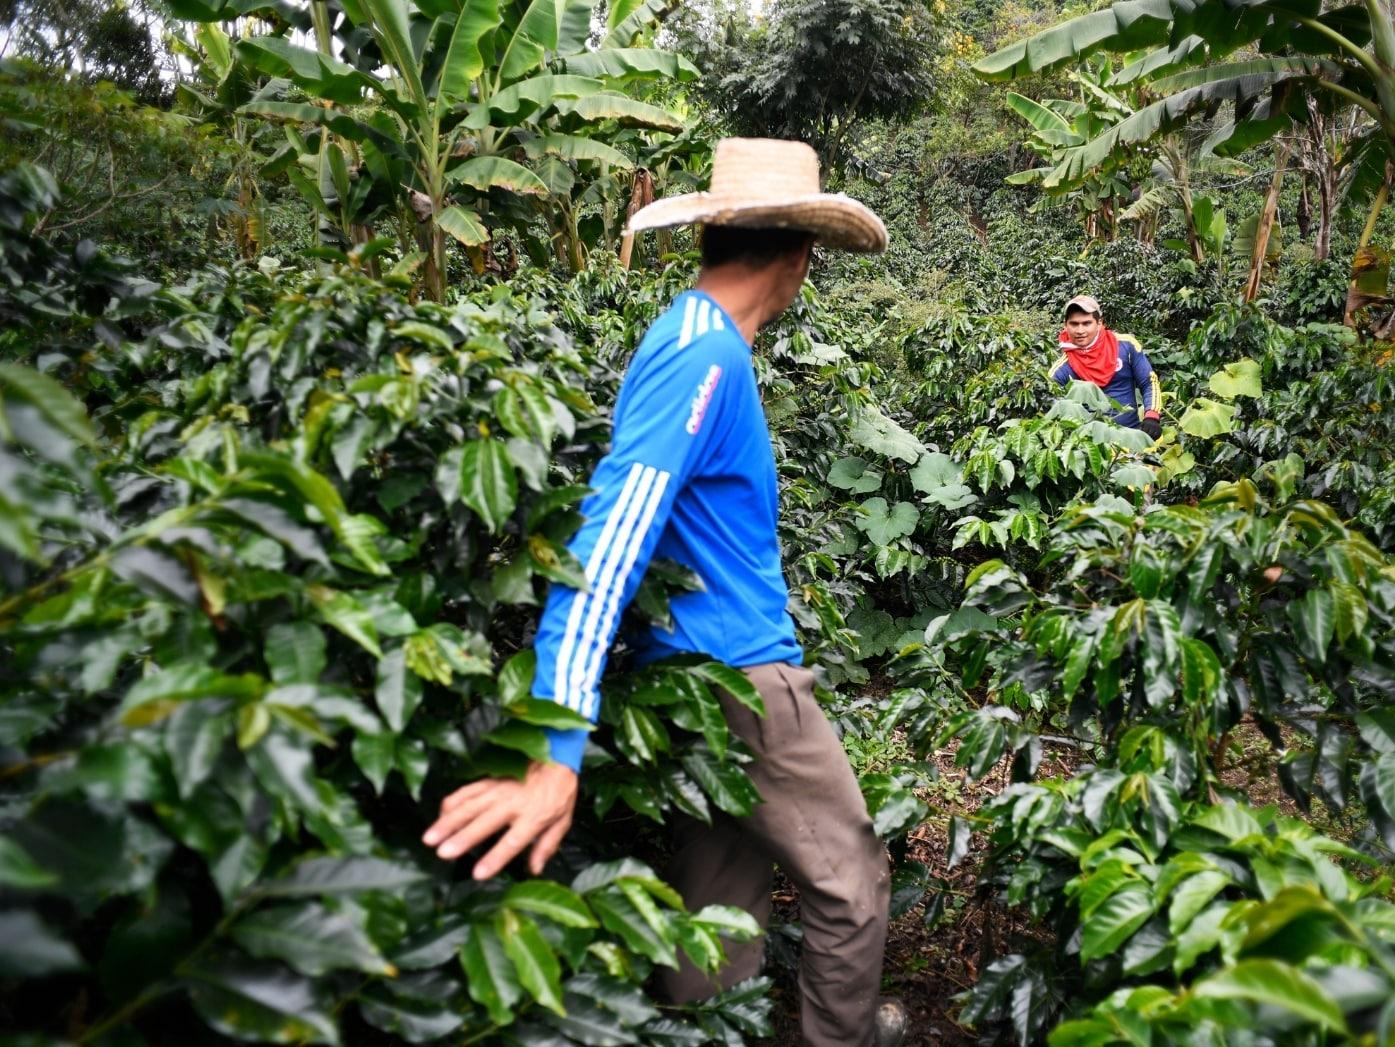 Coffee smallholder farmers in field